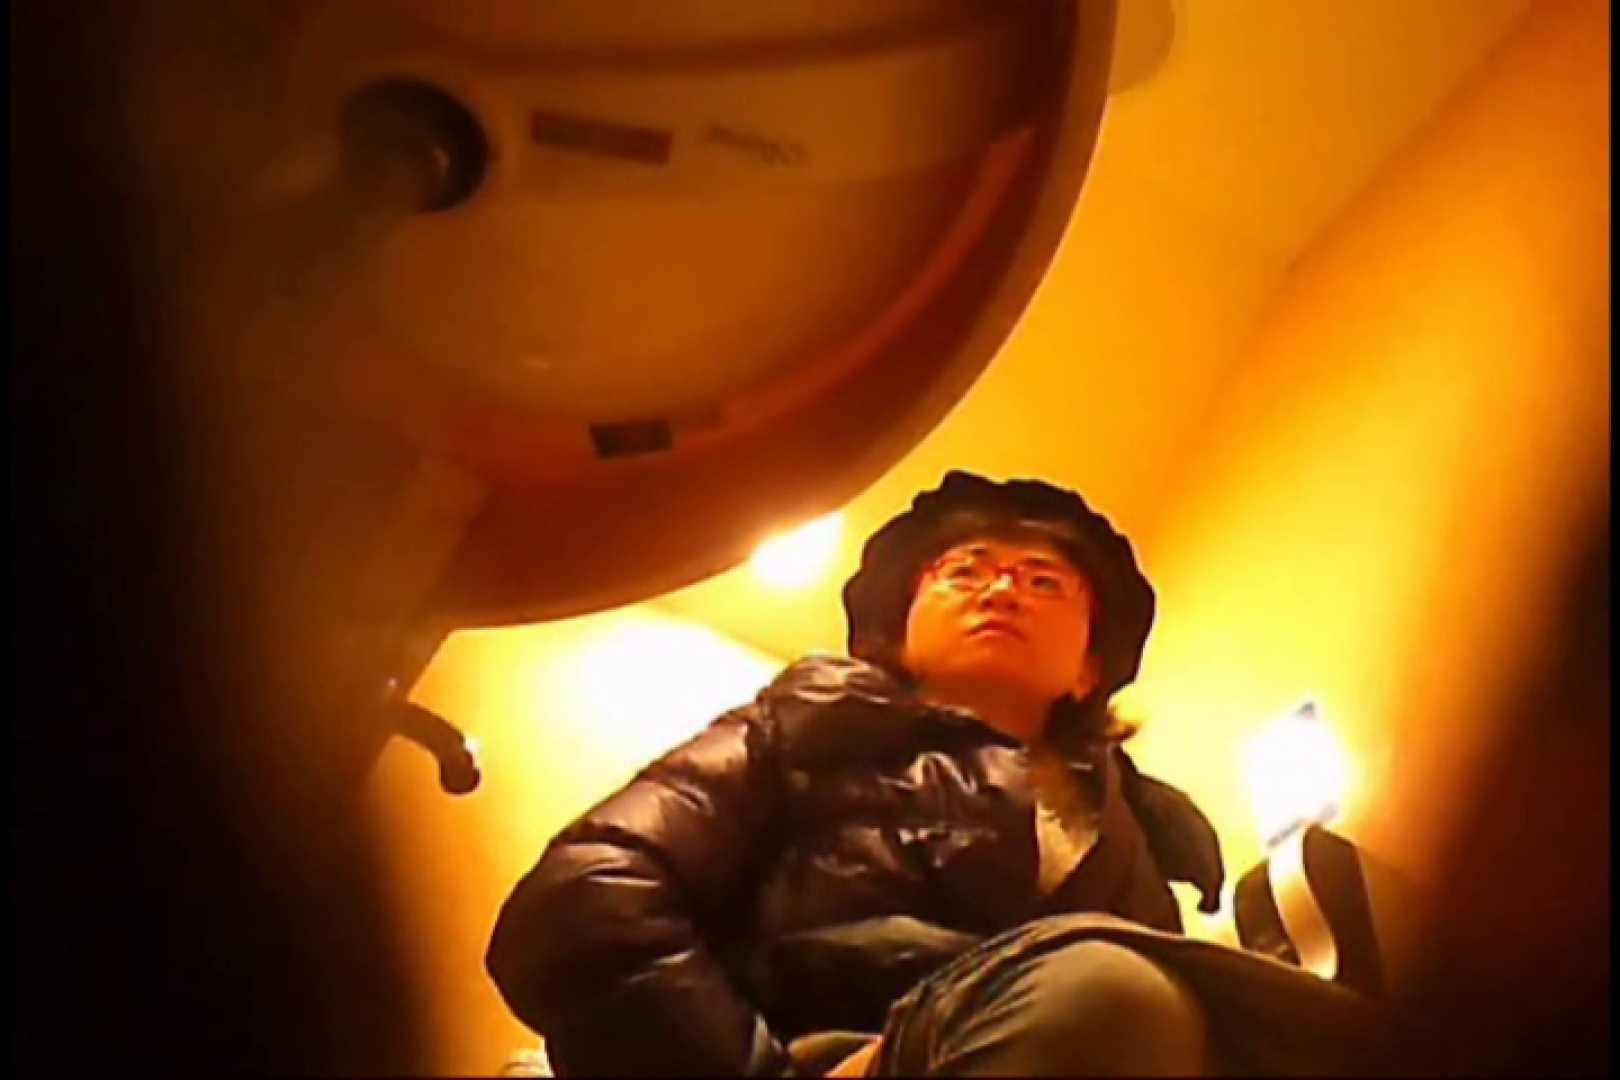 潜入!!女子化粧室盗撮~絶対見られたくない時間~vo,11 潜入突撃 | 盗撮師作品  76pic 53